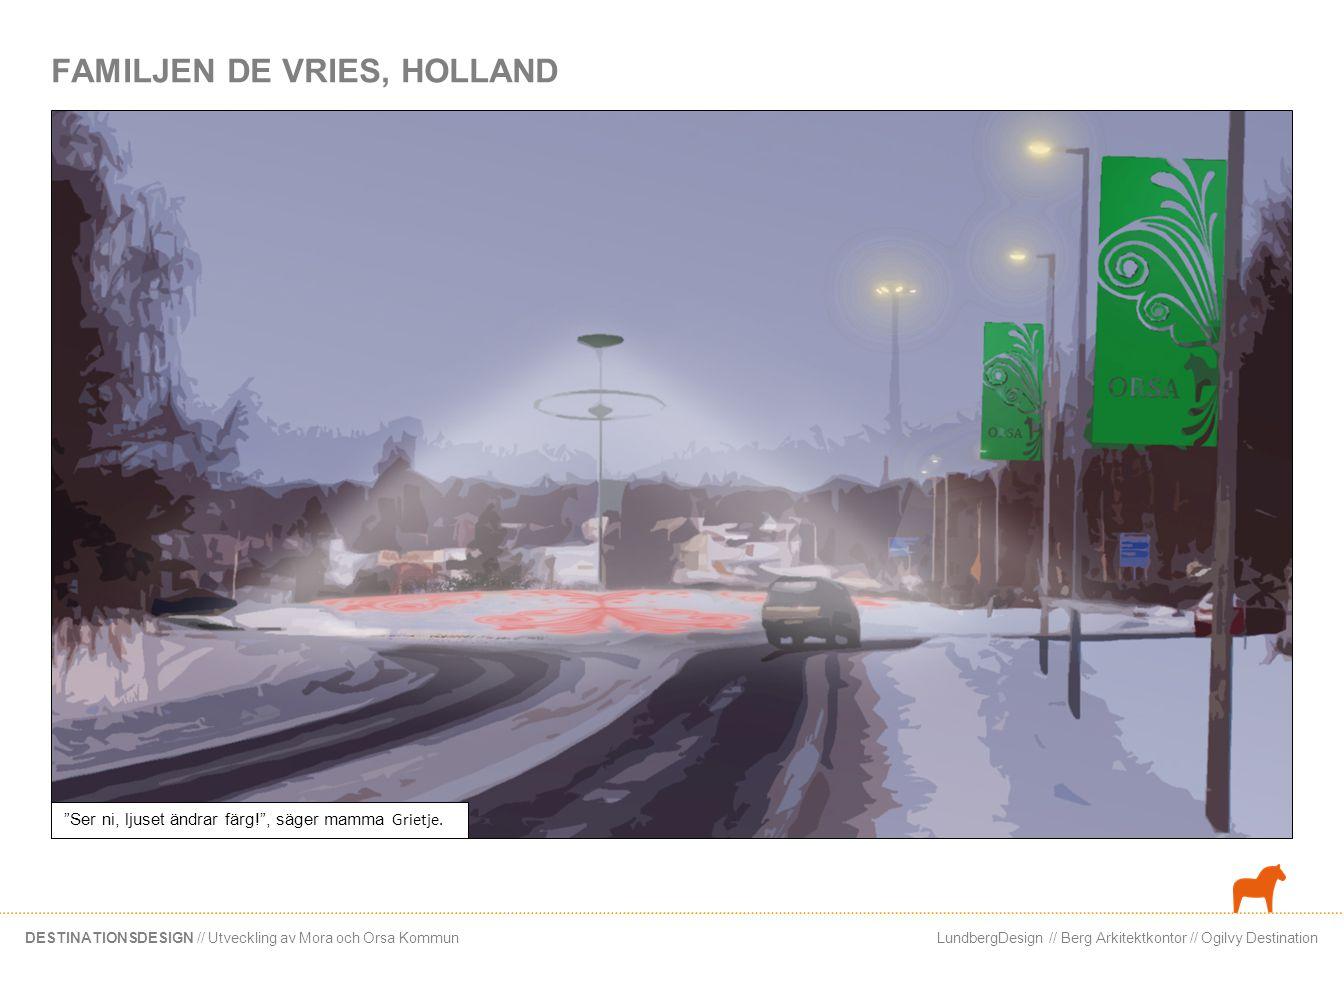 """LundbergDesign // Berg Arkitektkontor // Ogilvy DestinationDESTINATIONSDESIGN // Utveckling av Mora och Orsa Kommun FAMILJEN DE VRIES, HOLLAND """"Ser ni"""